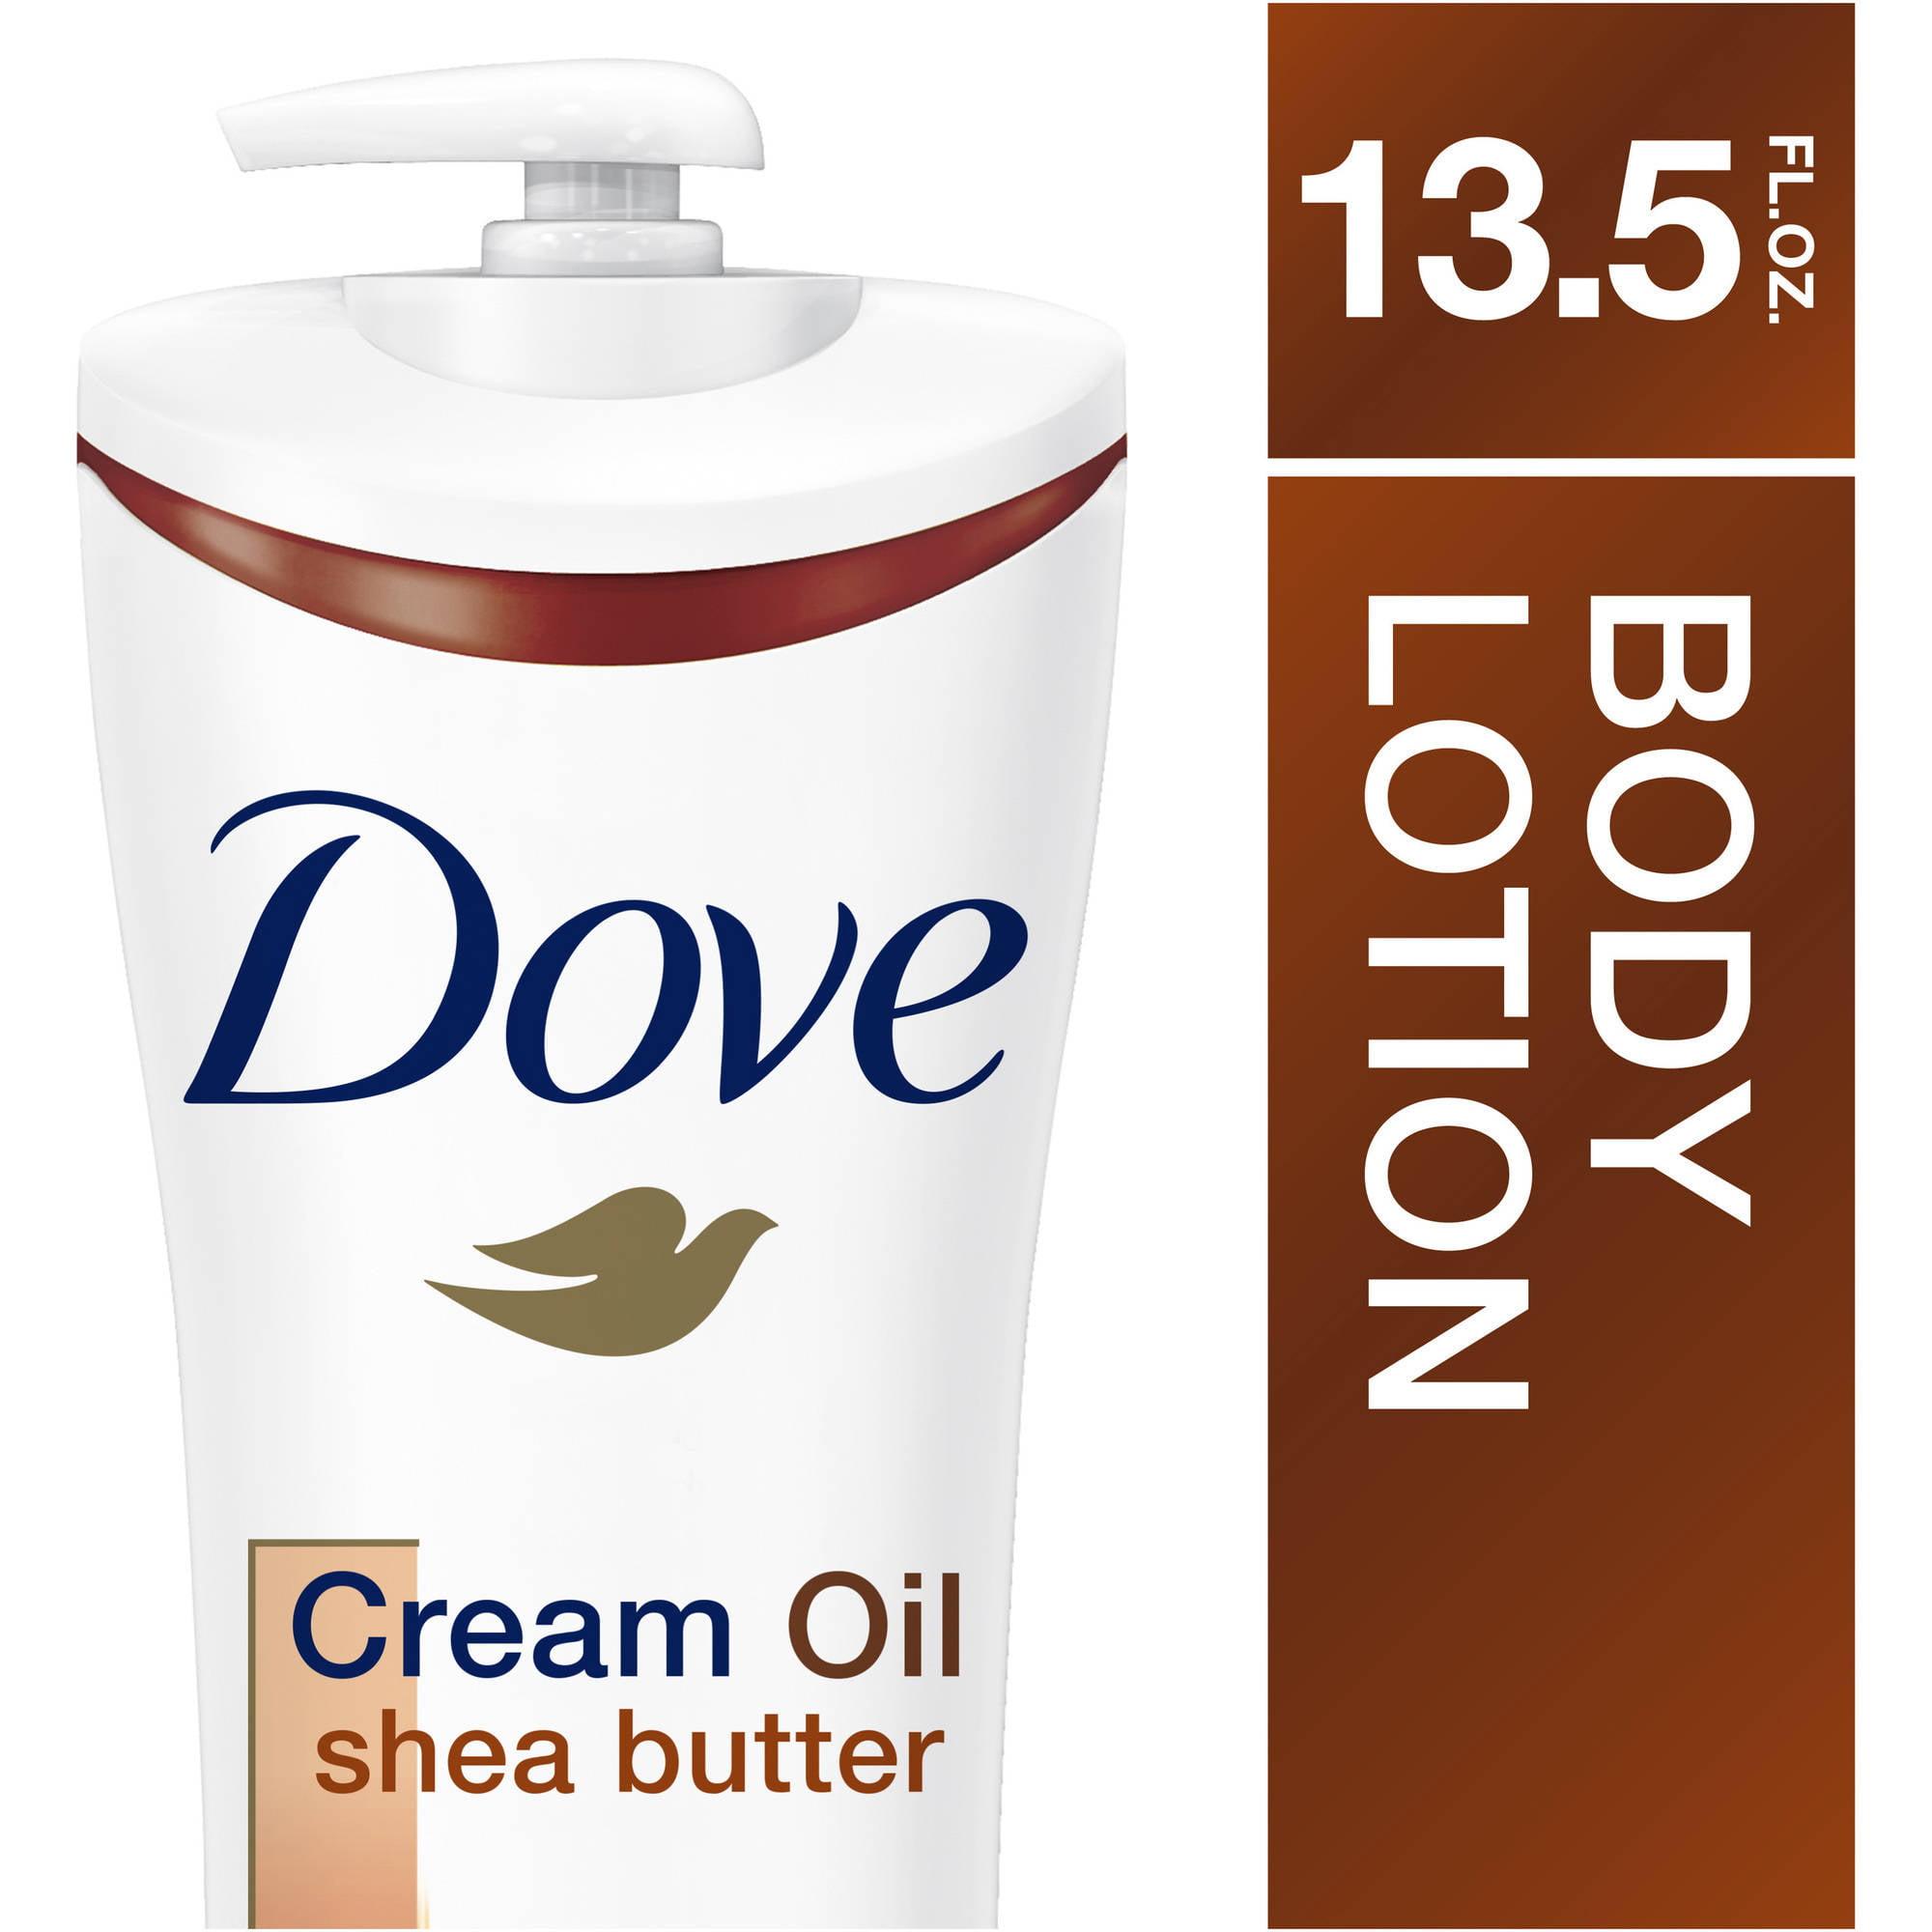 Dove Cream Oil Shea Butter Body Lotion, 13.5 oz